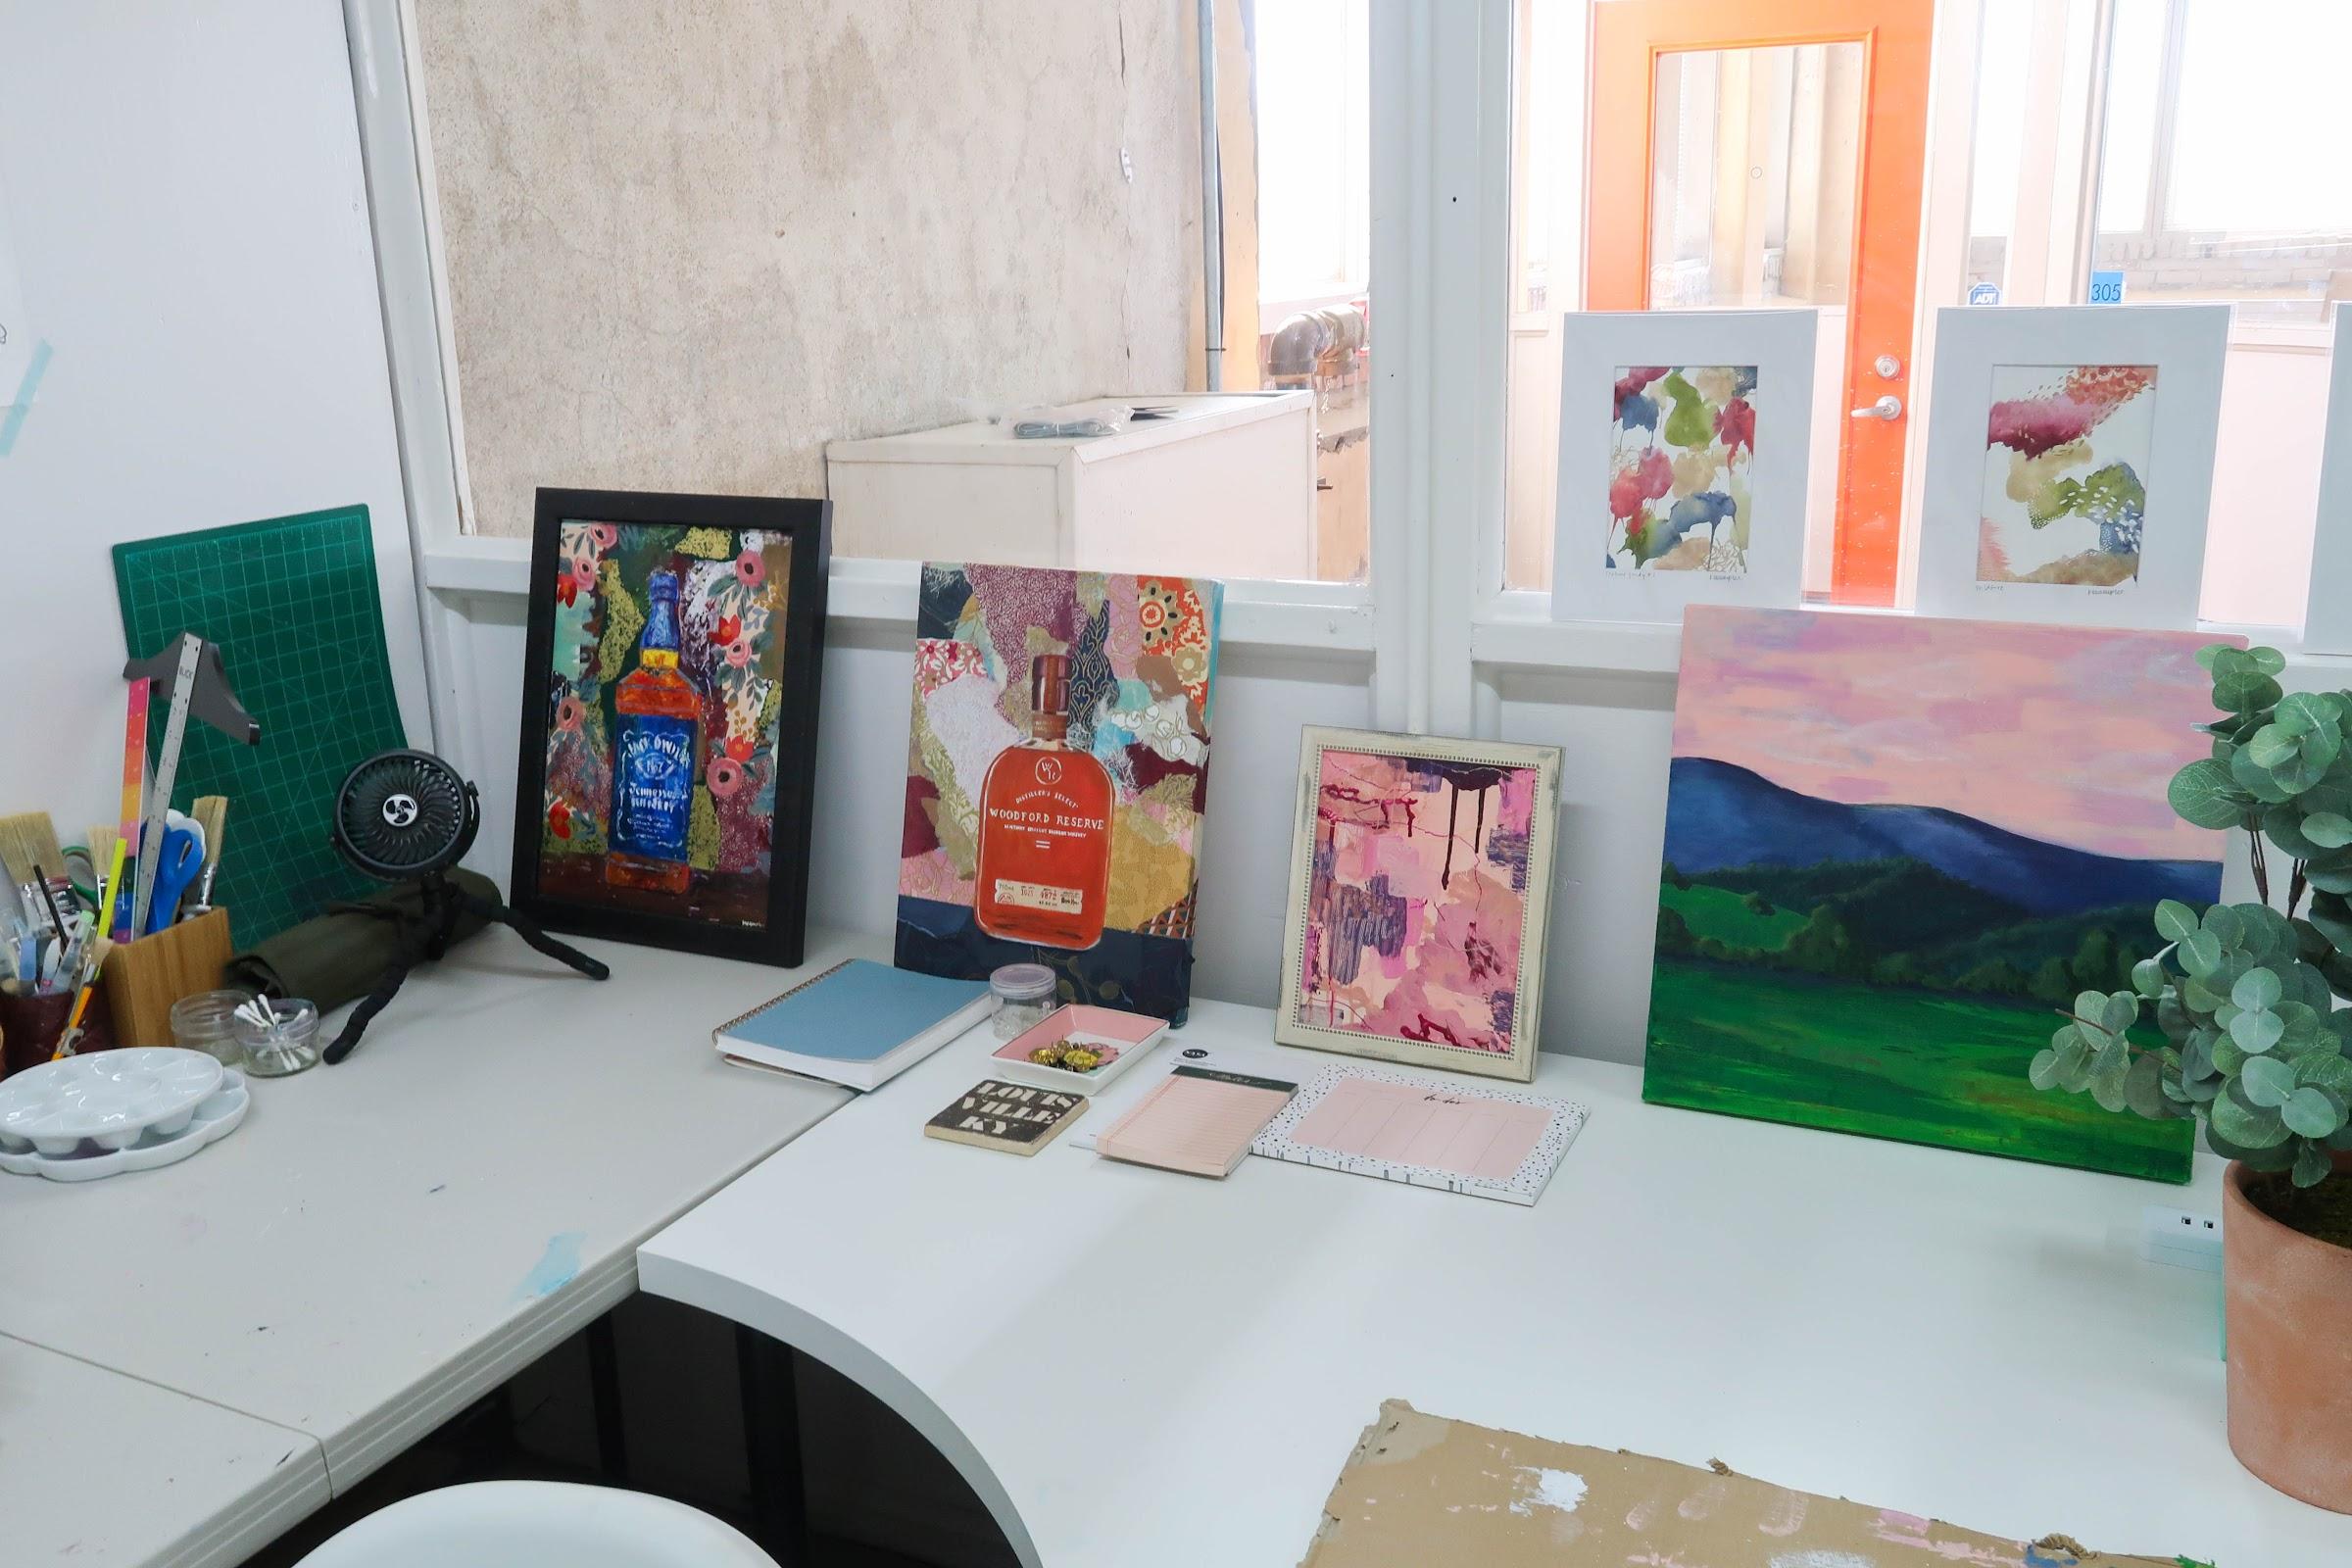 Katie Wampler: 4 paintings on desk